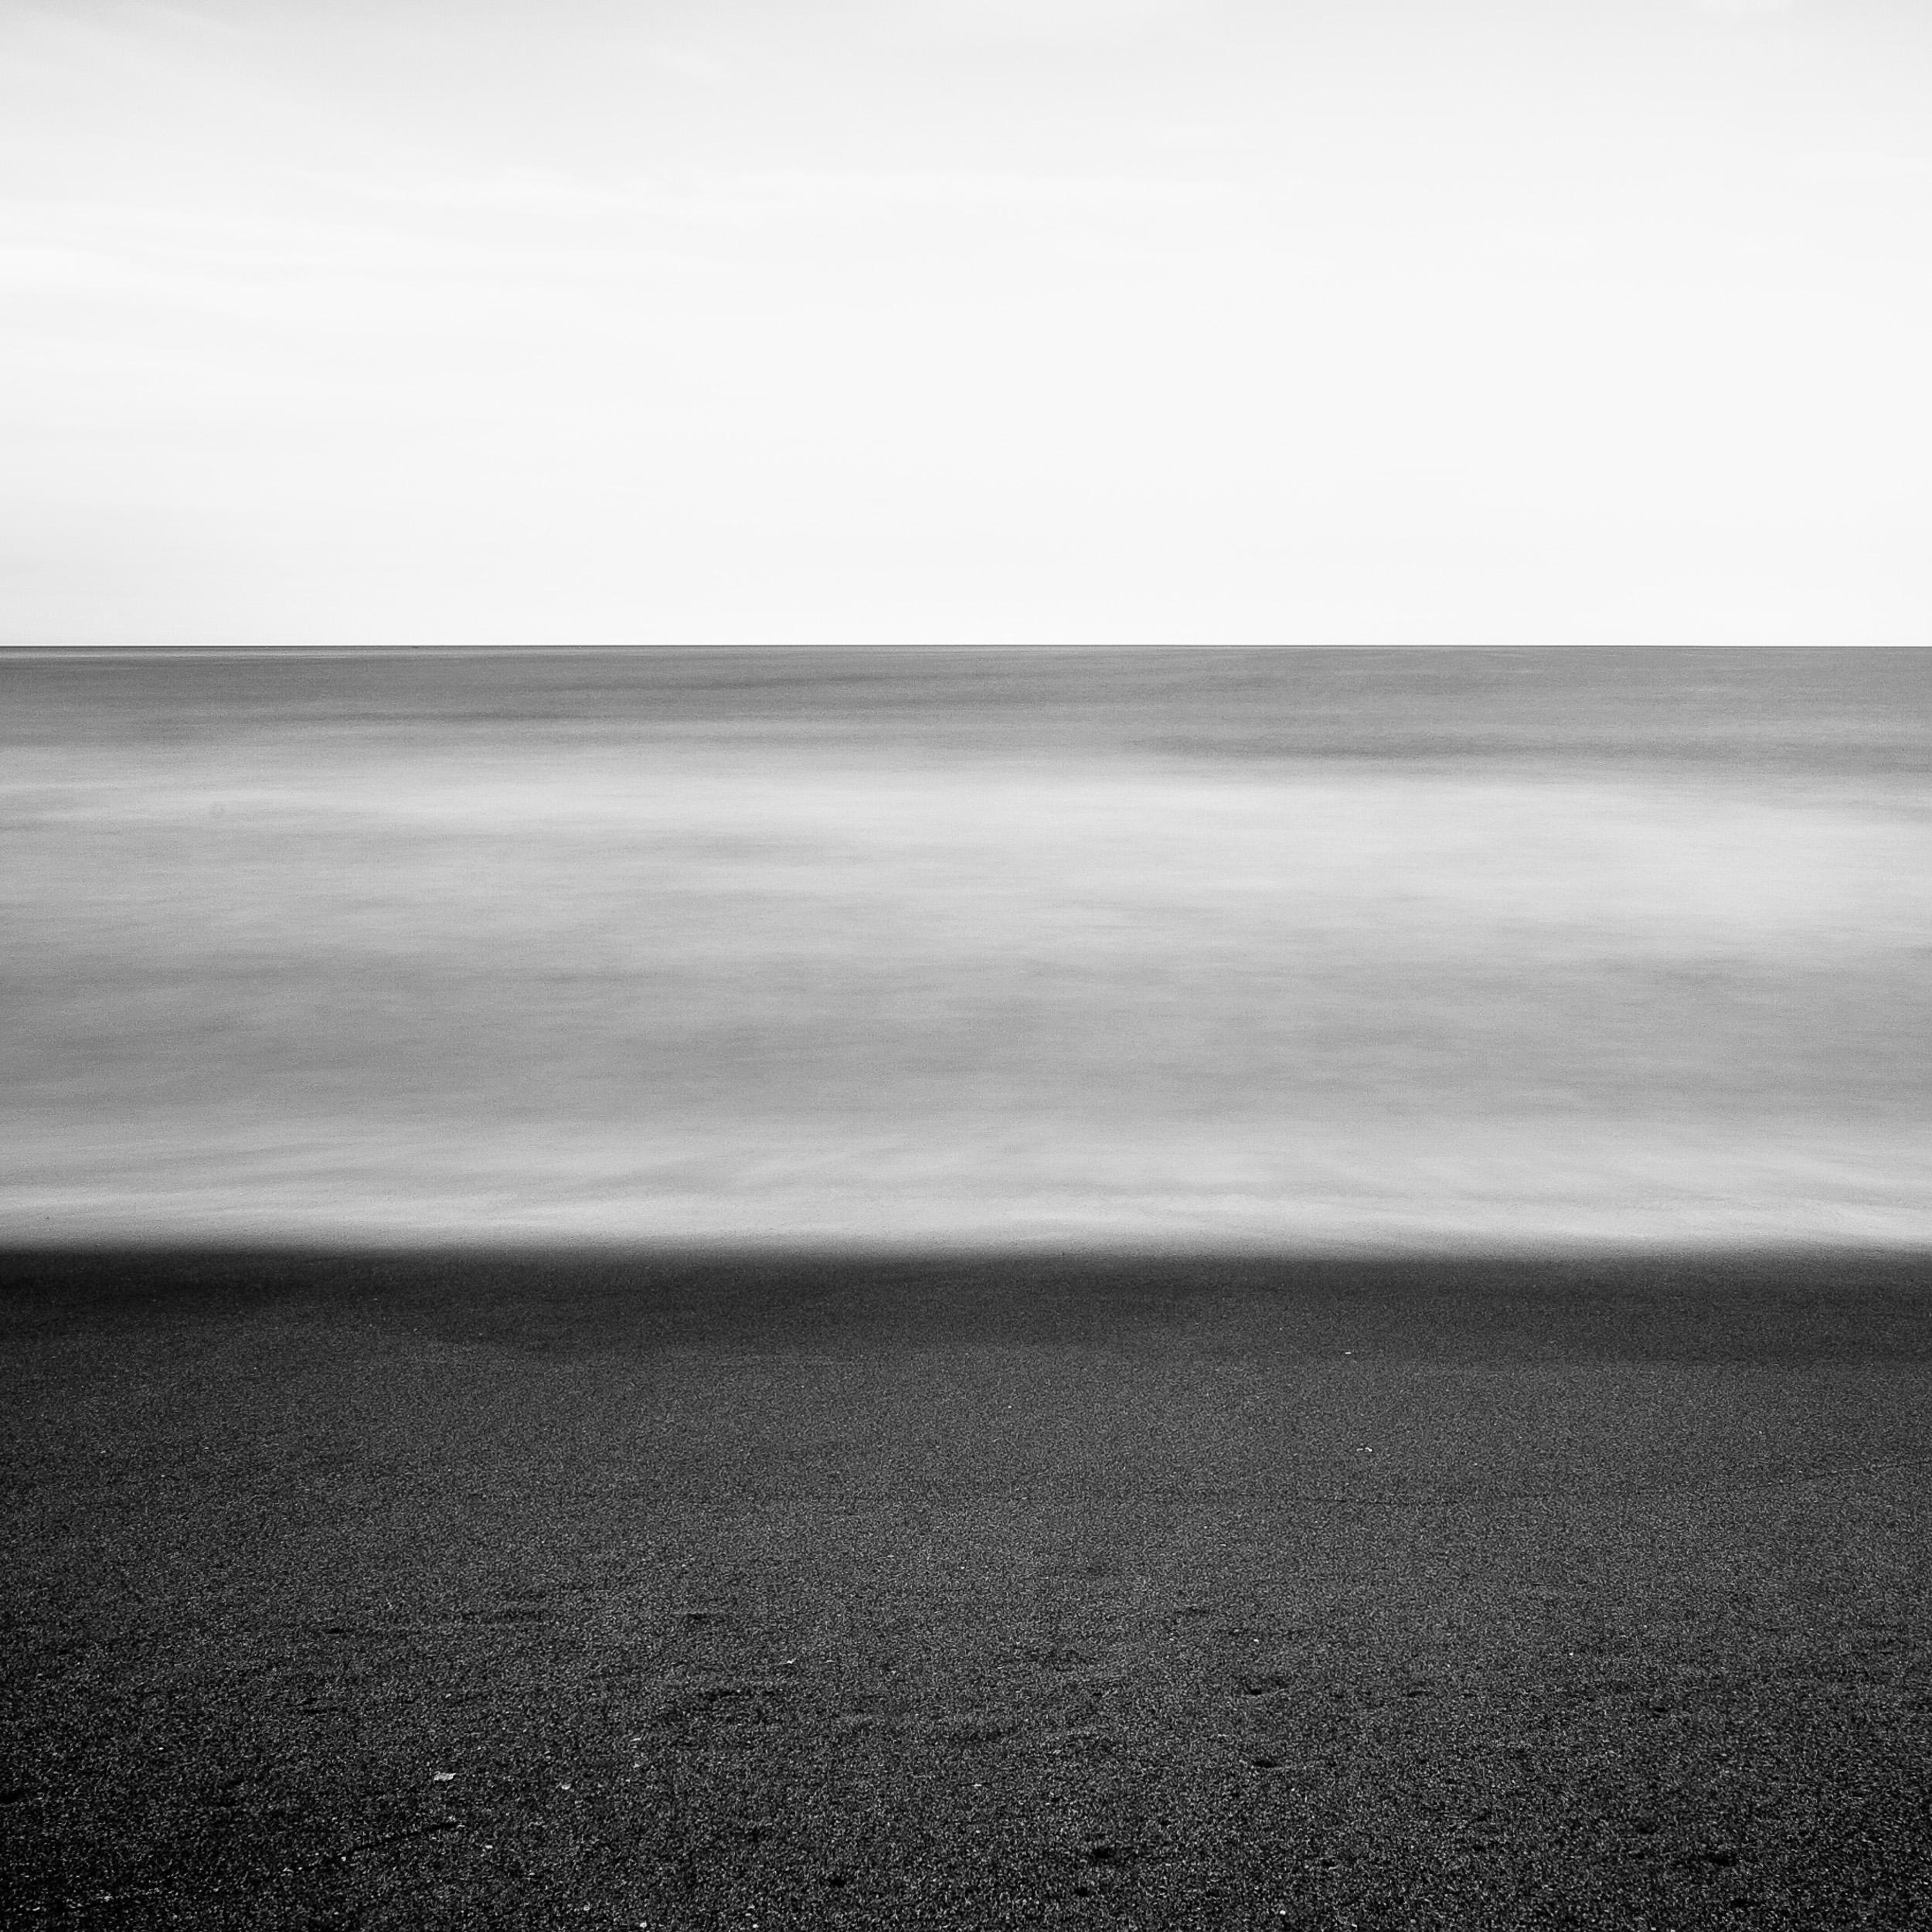 Sand, Sea, sky.